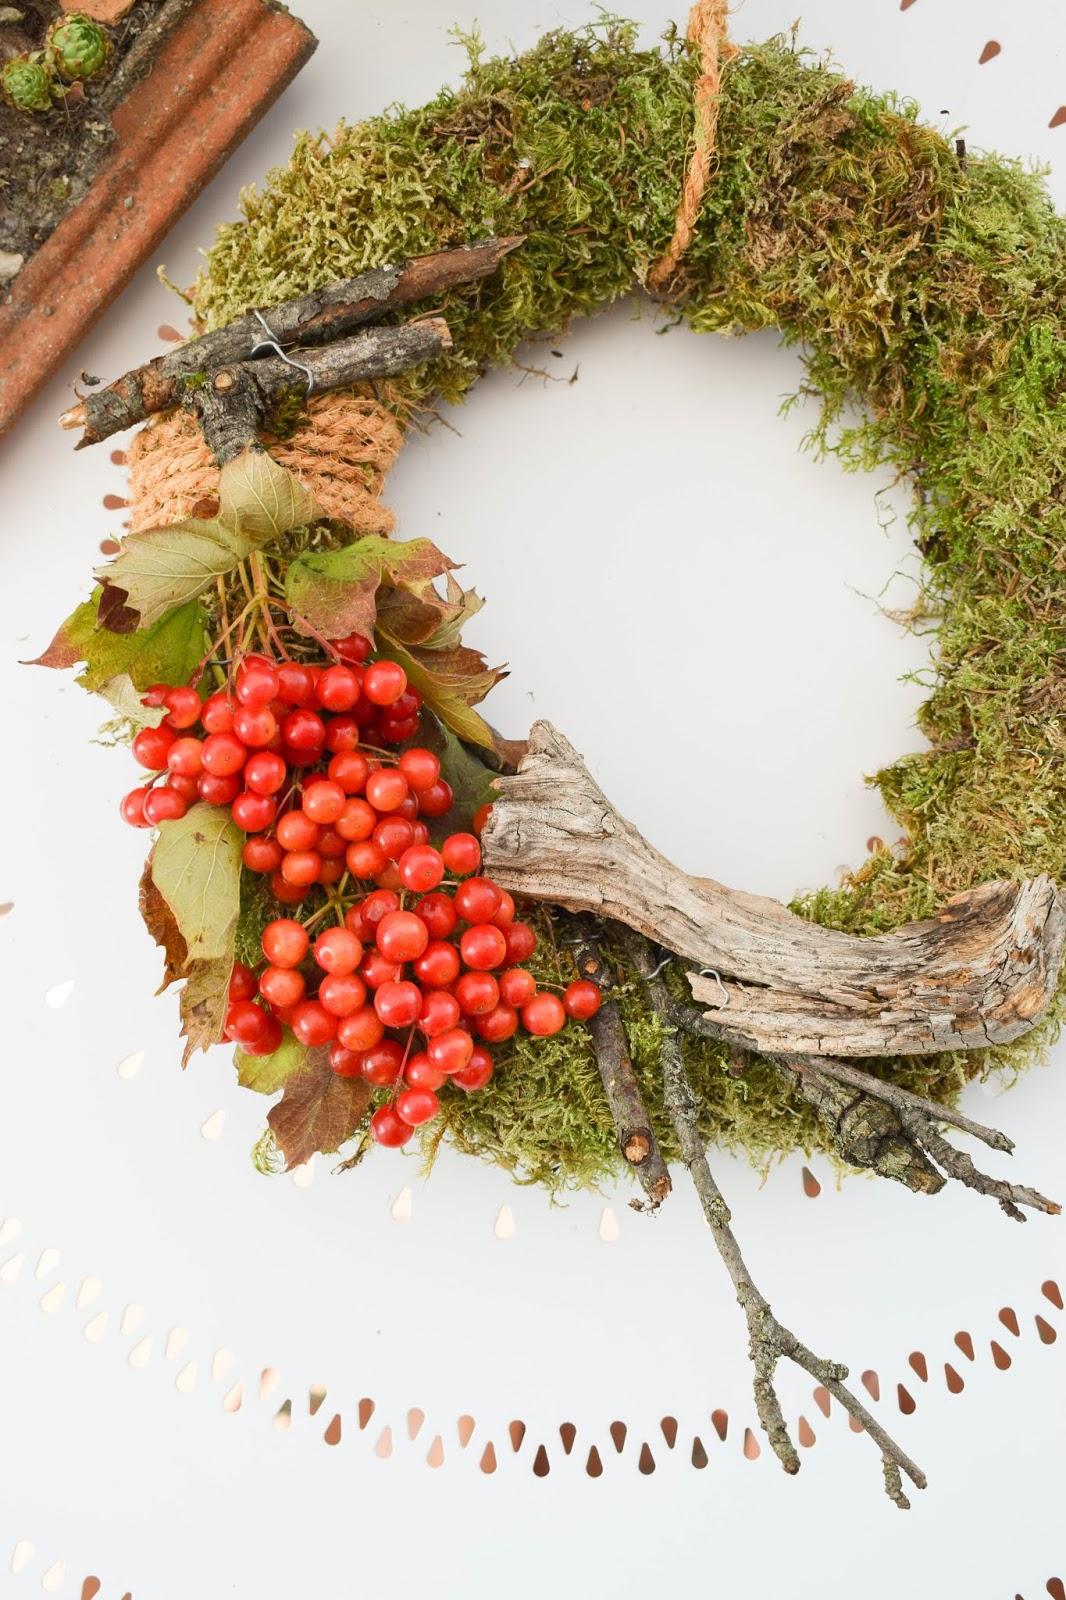 DIY Mooskranz einfach selber machen mit Moos Beeren Holz und Sisal. Naturdeko Anleitung zum Kranz binden. Dekorieren mit Natur. Dekoration herbstdeko